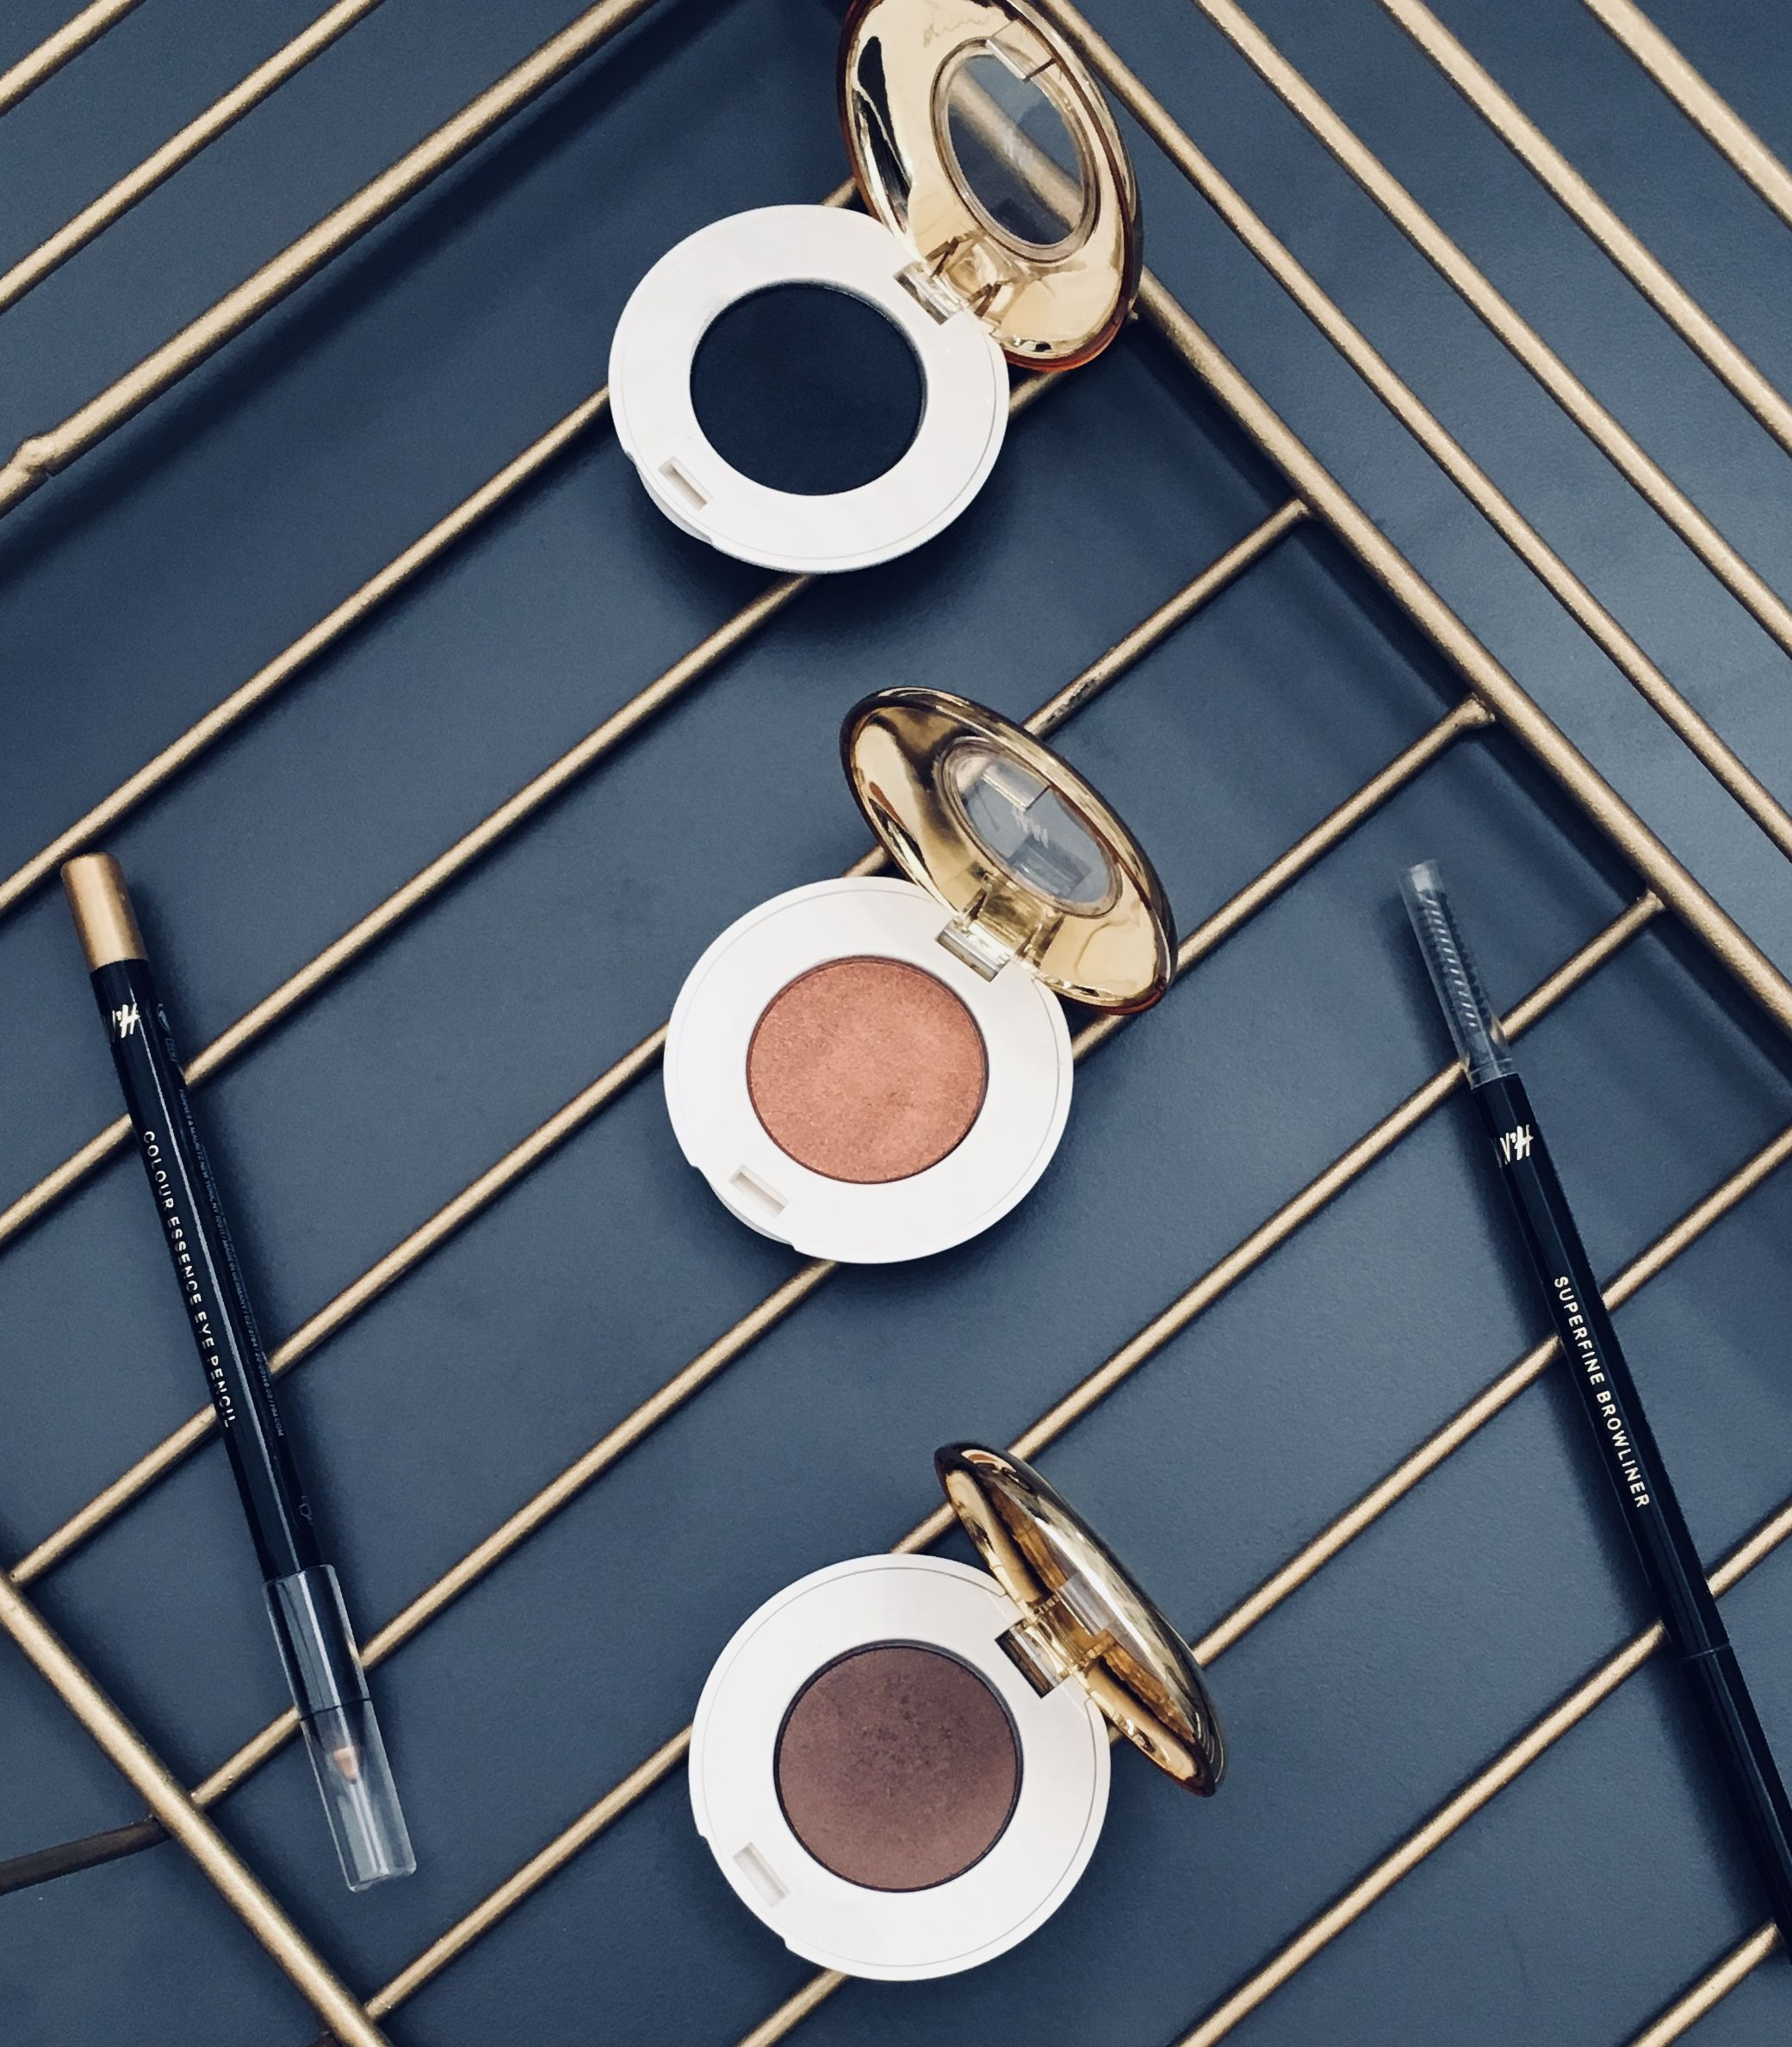 HM MAKEUP Makeup brands, Makeup reviews, Luxury beauty